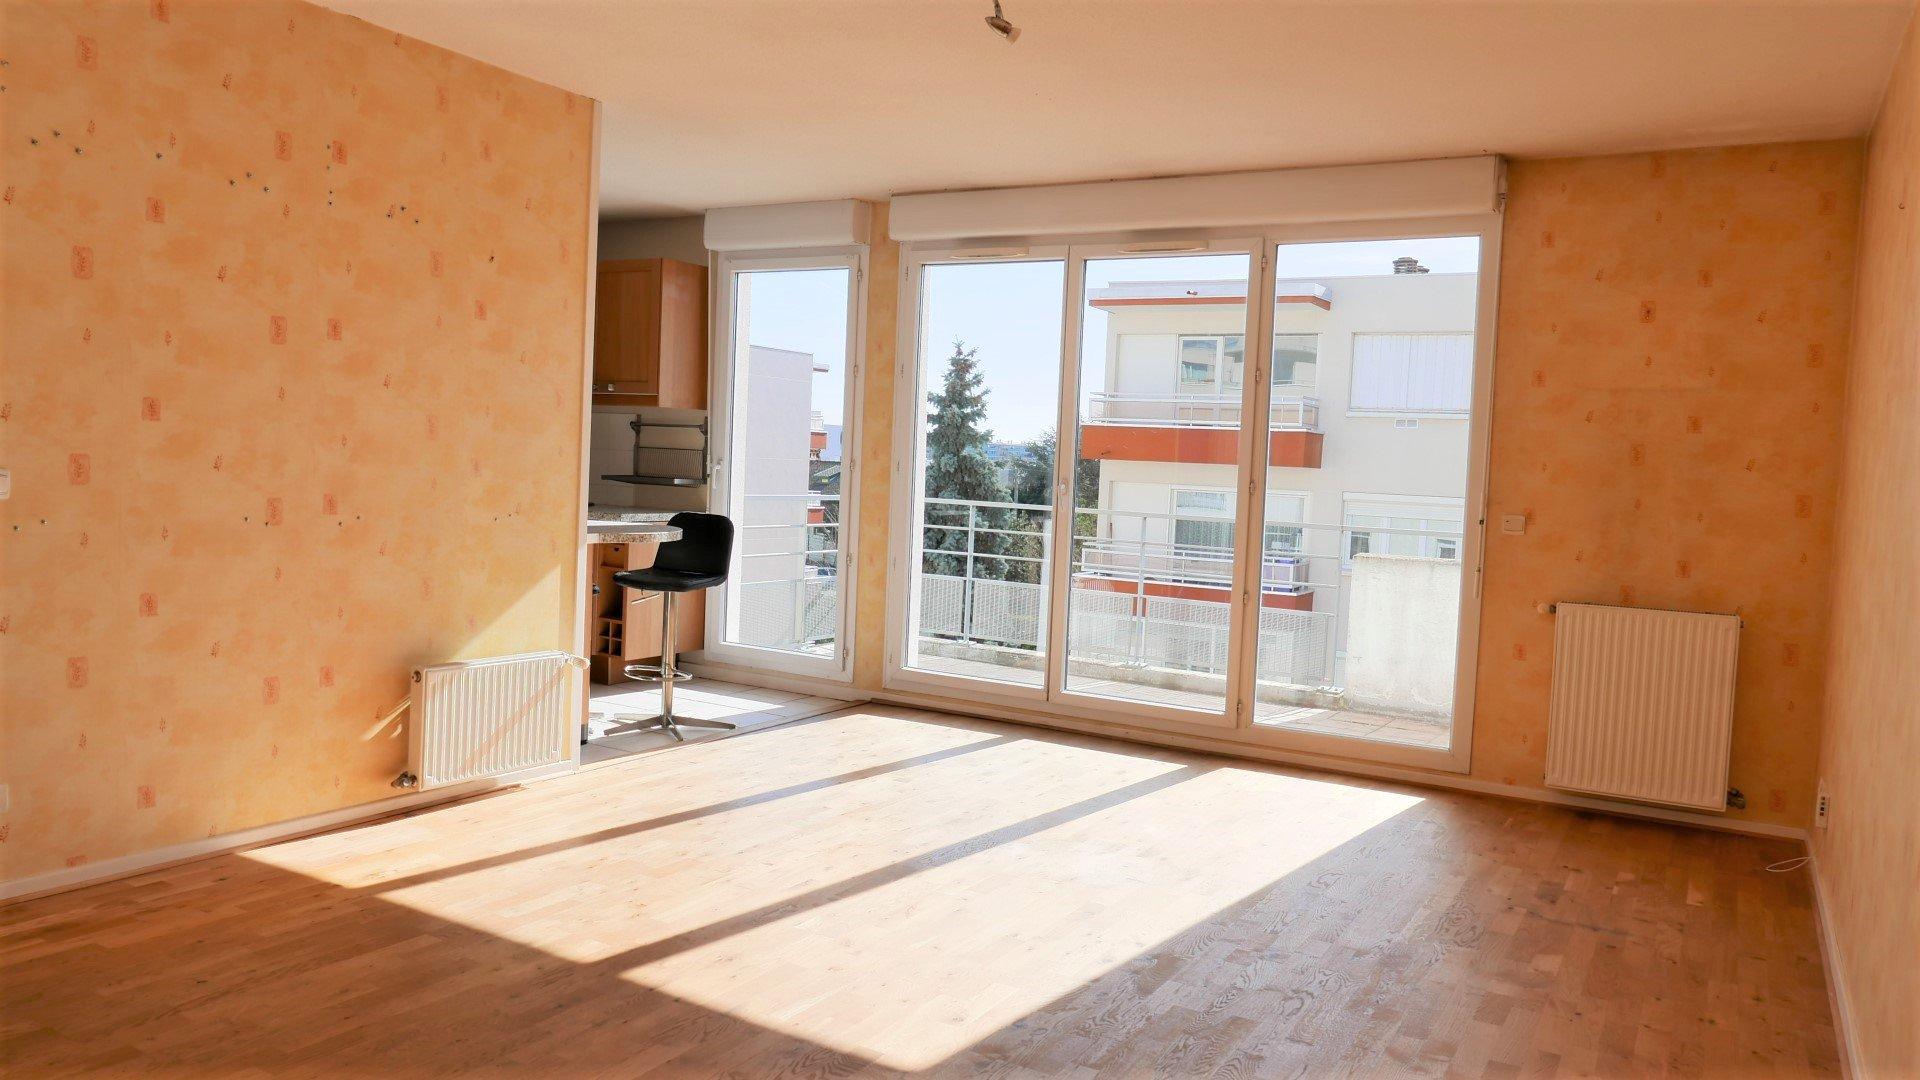 Location Appartement Surface de 66.39 m², 3 pièces, Villeurbanne (69100)